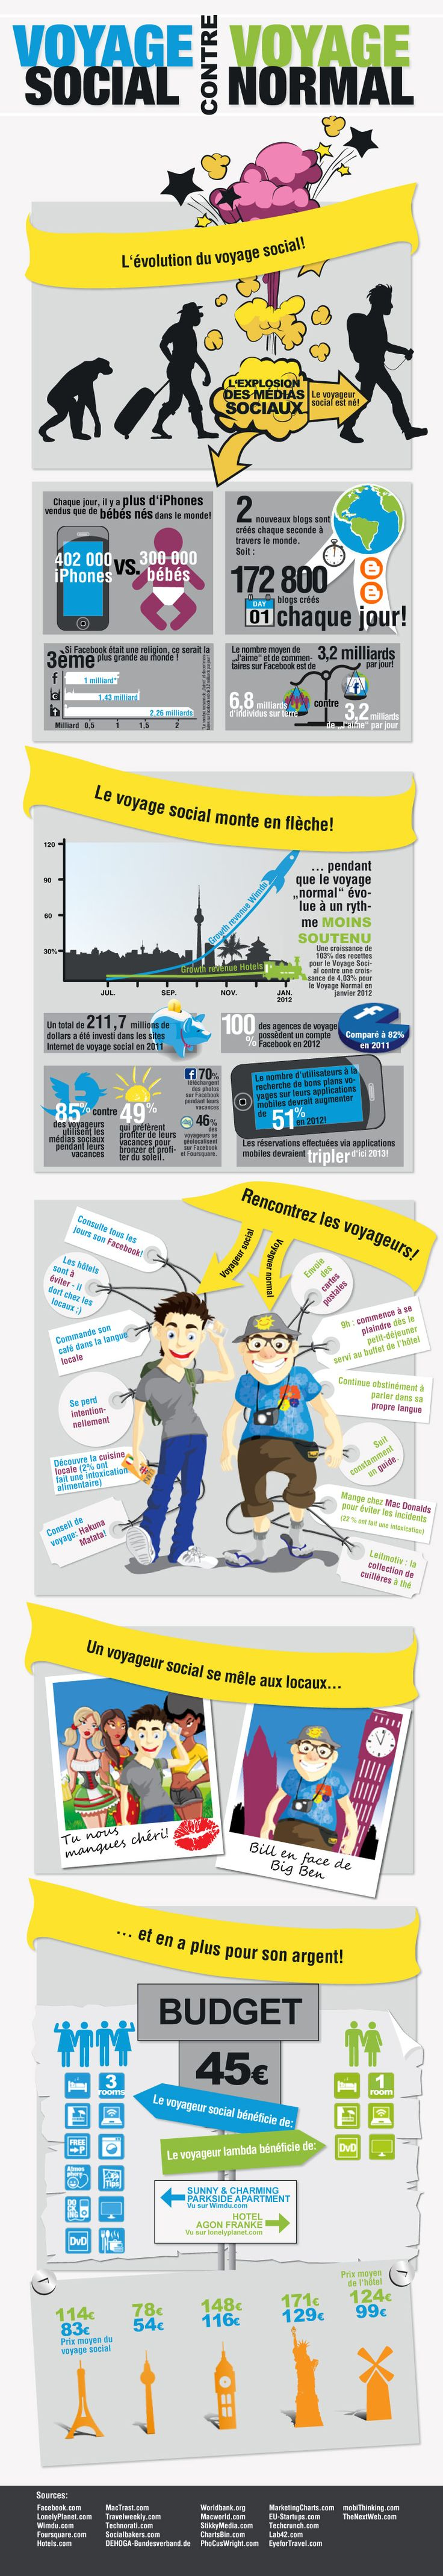 Êtes-vous un voyageur social ? #croisiere http://www.seagnature.com/